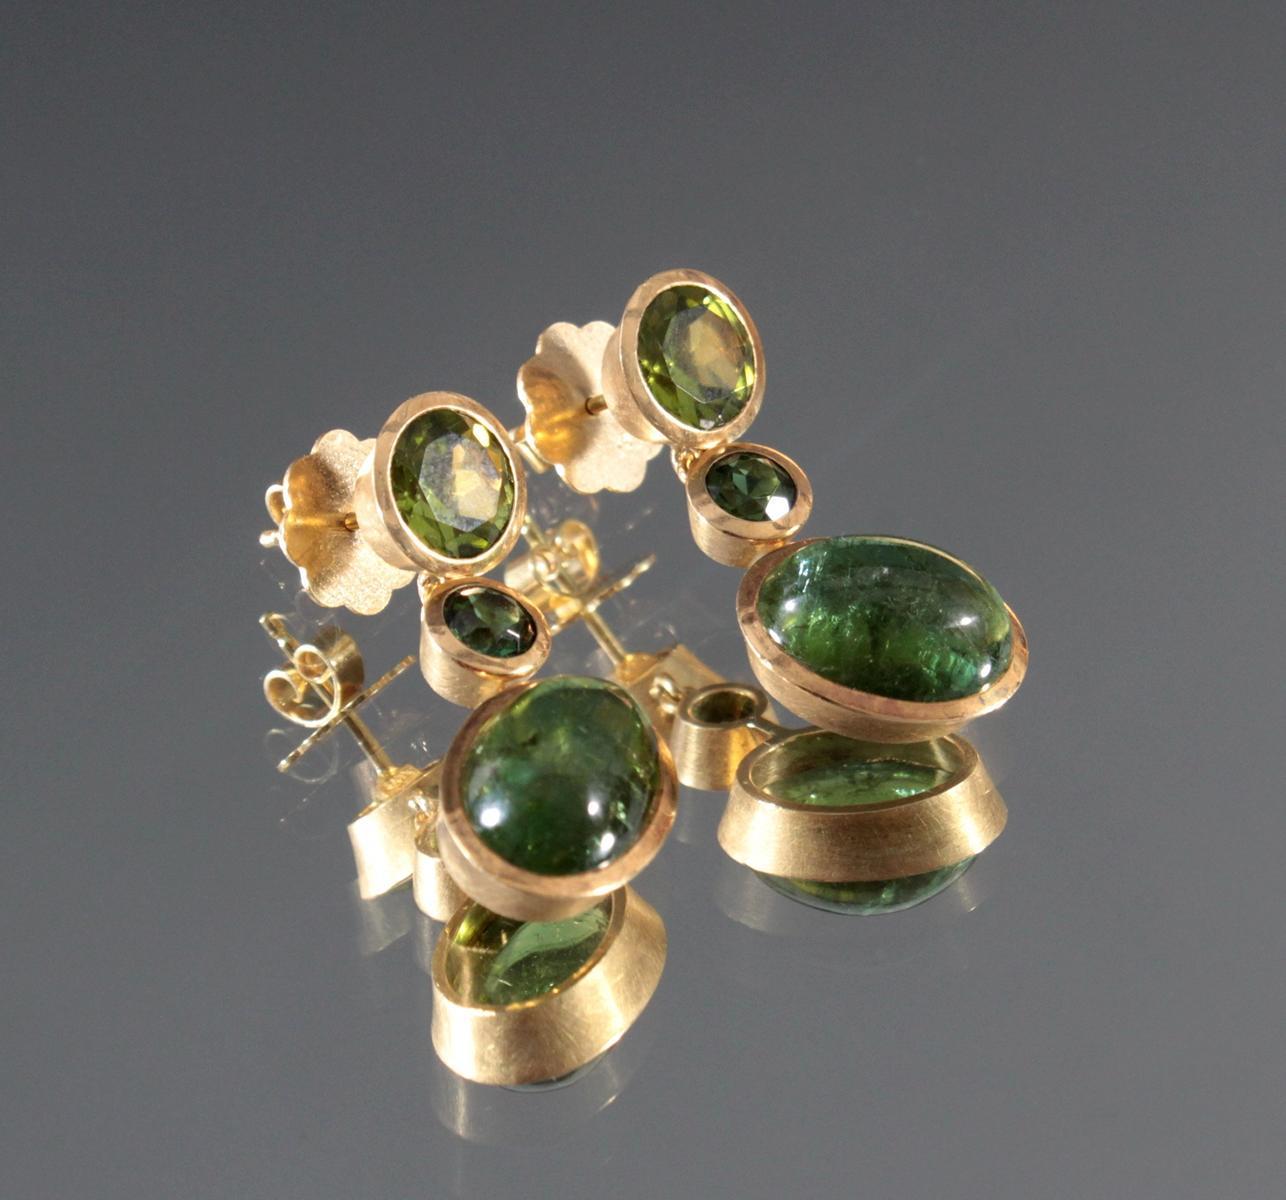 Paar Ohrgehänge mit Turmalin und Peridot, 18 Karat Gelbgold-2